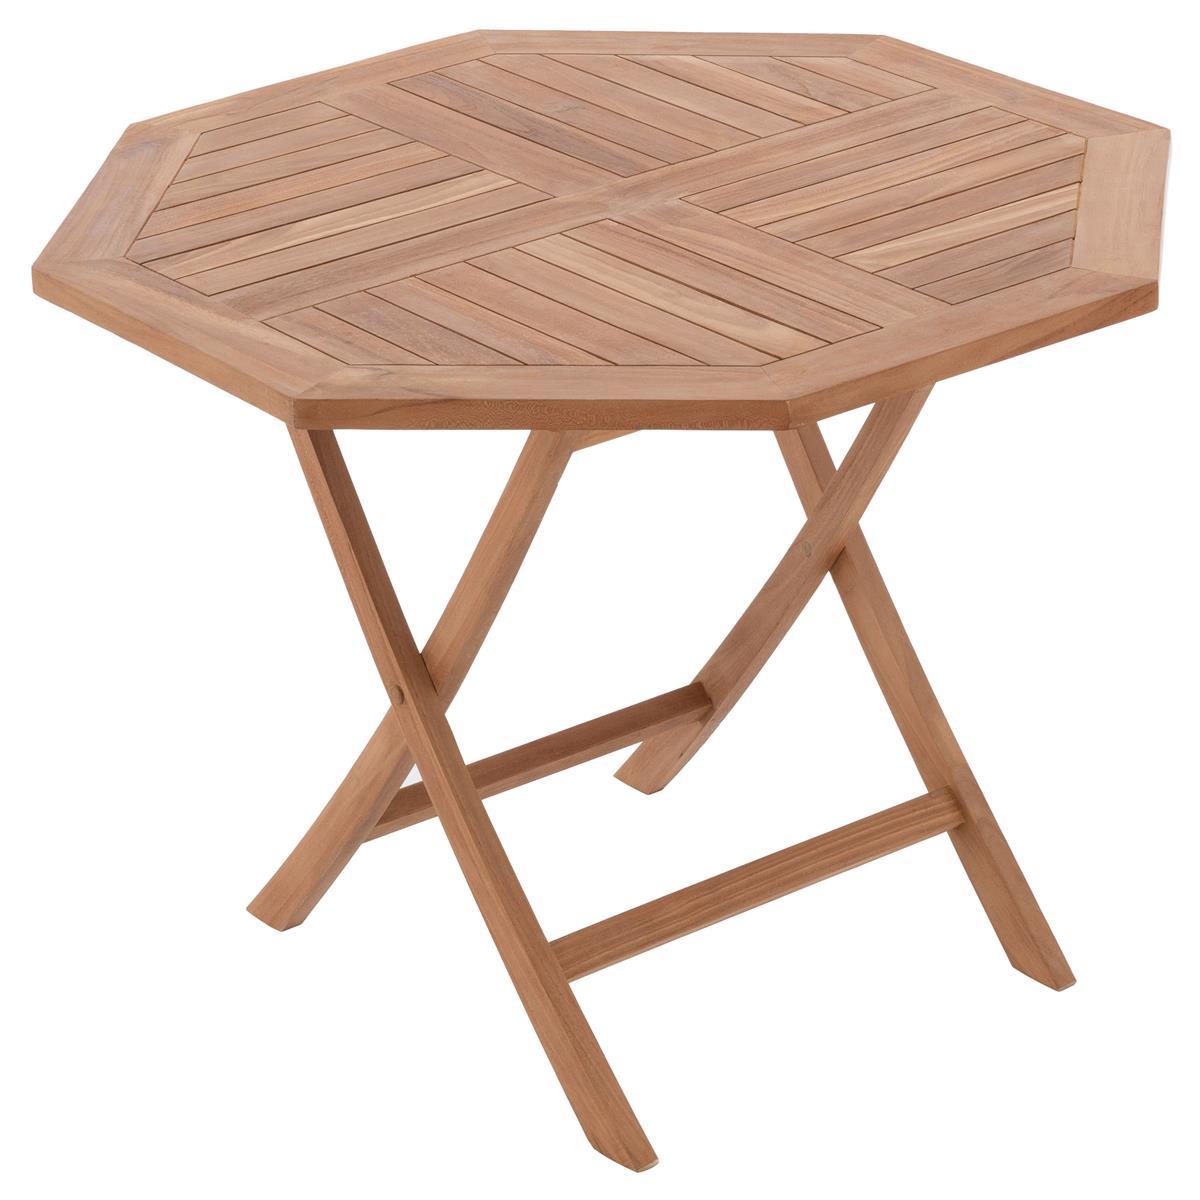 Tisch Klappbar Holz : divero balkontisch gartentisch tisch esstisch holz teak ~ A.2002-acura-tl-radio.info Haus und Dekorationen